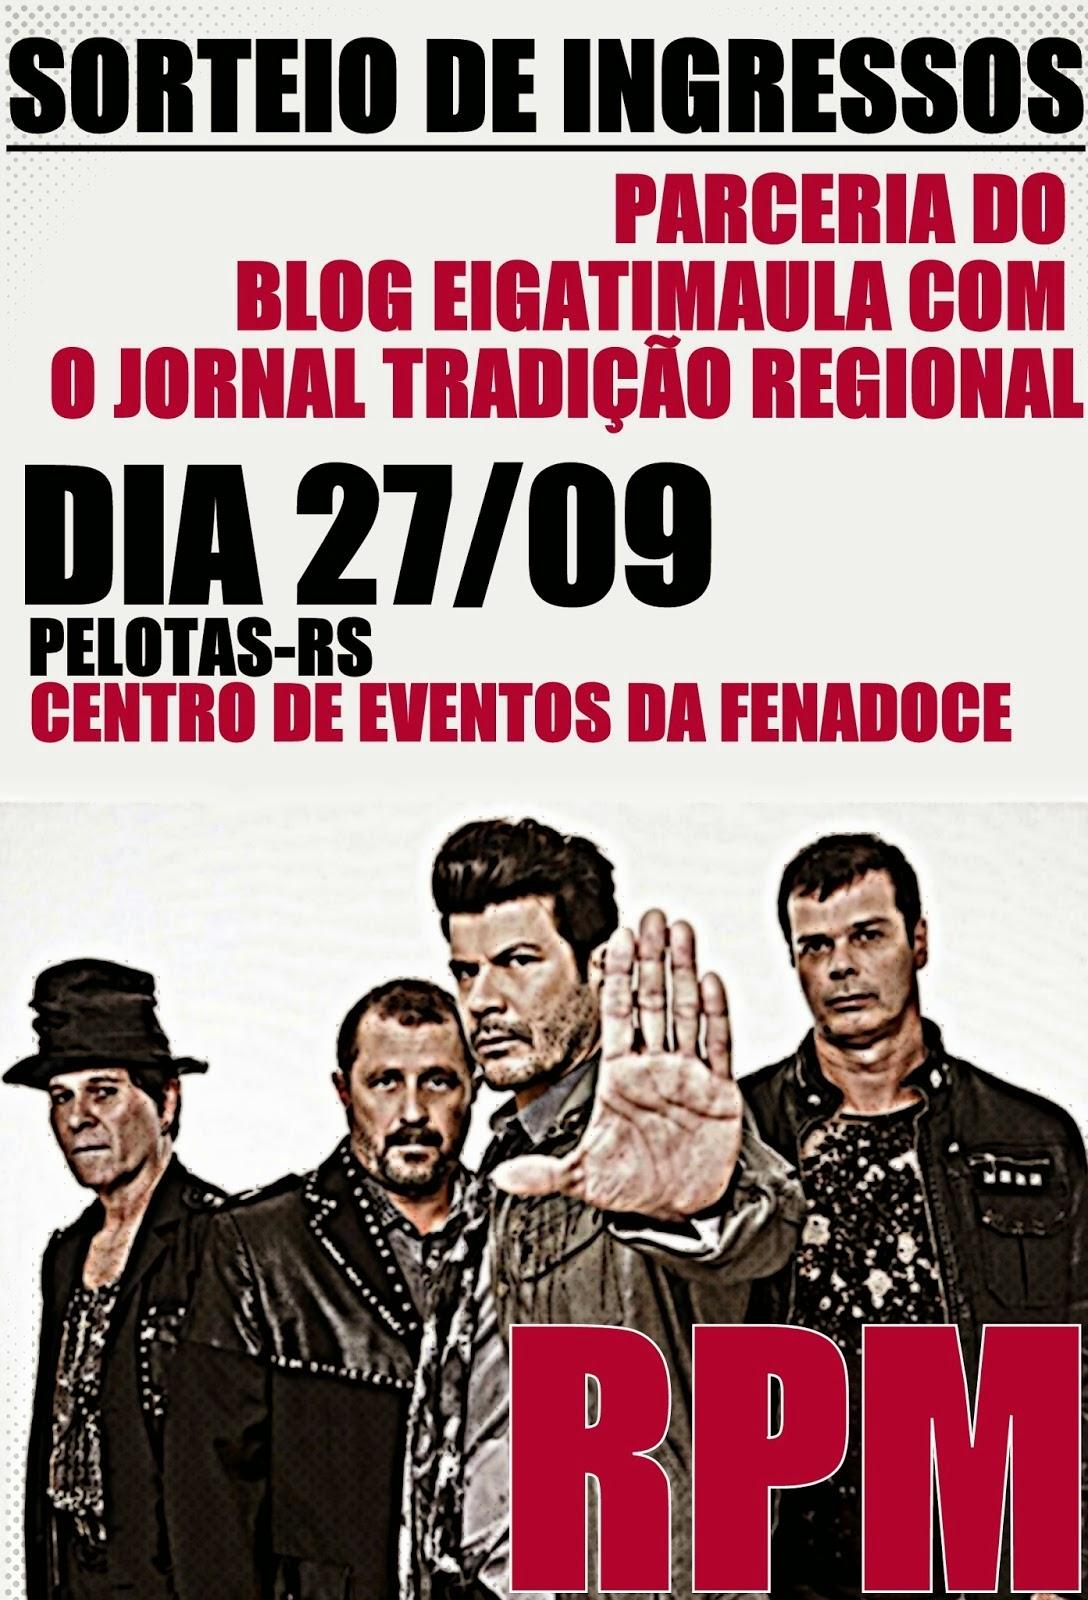 http://eigatimaula.blogspot.com.br/2014/08/sorteio-de-ingressos-banda-rpm.html